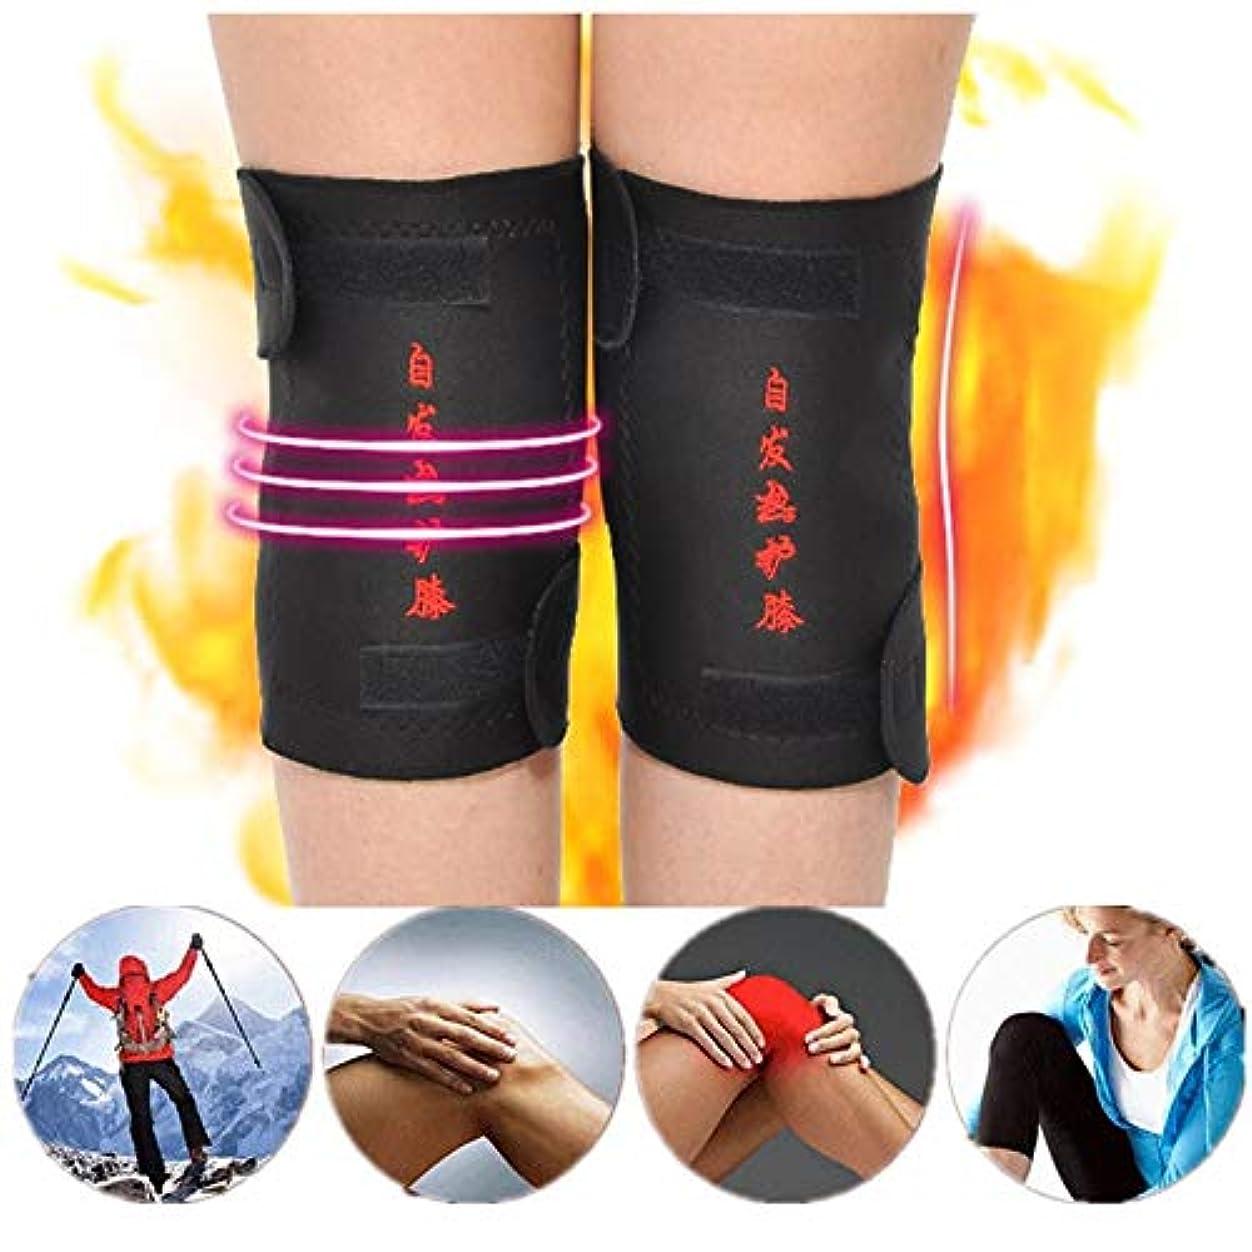 秘密のブースエッセンス1 ペア 毎日健康 ケア 膝の痛み救済傷害捻挫自己加熱された膝 パッド 付き磁気治療内部加熱膝 パッド